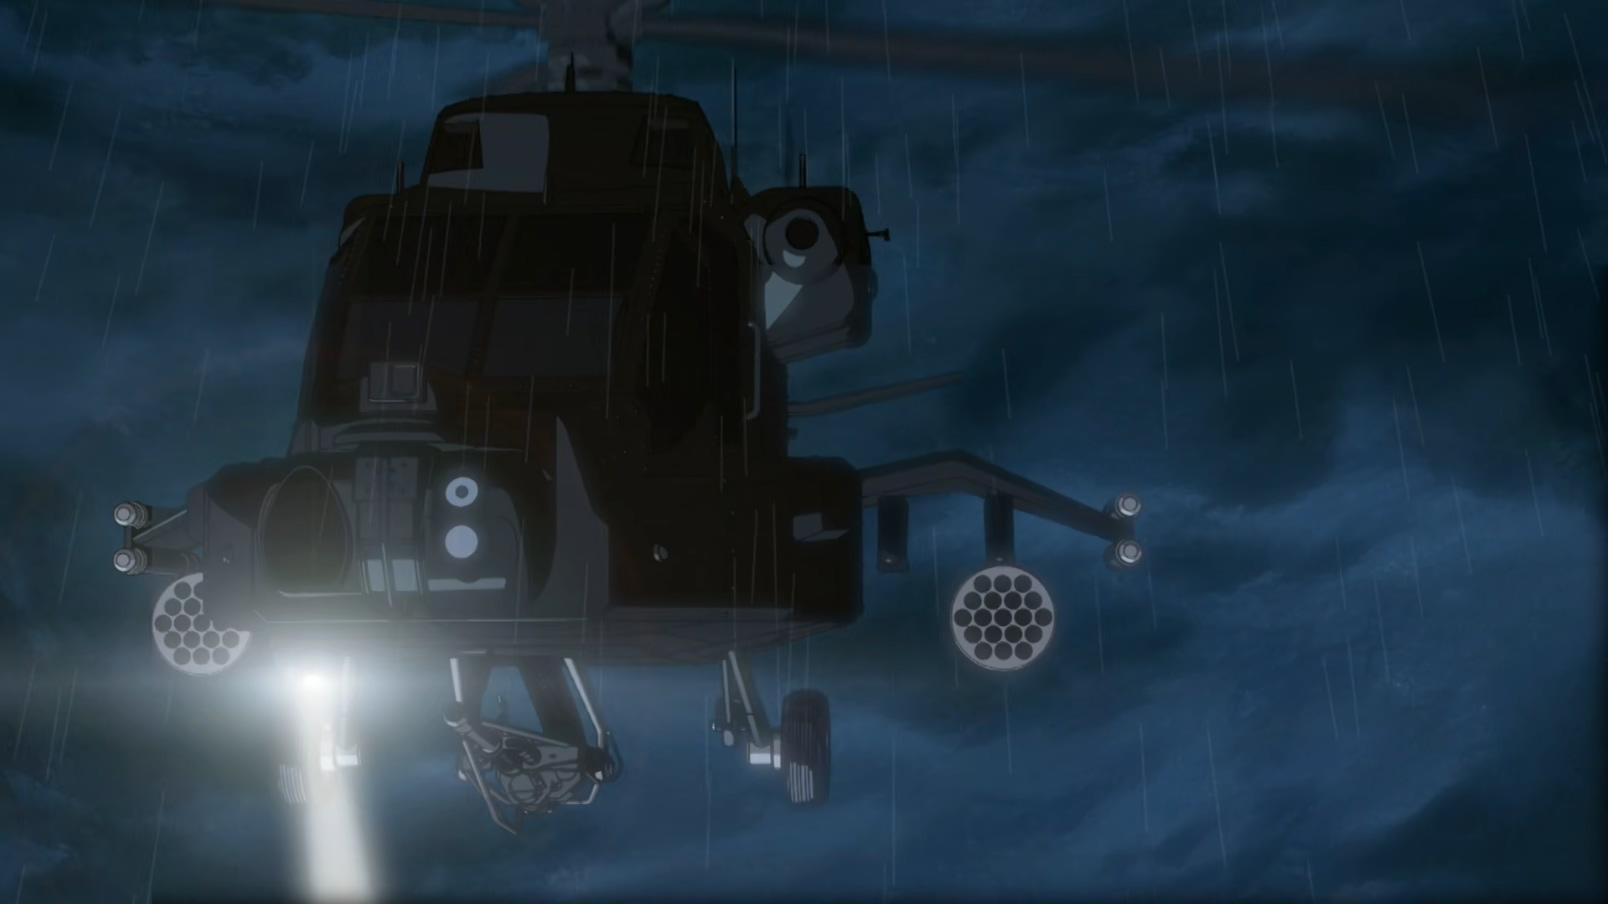 而从《漆黑的追踪者》开始,黑衣组织动用了武装直升机鸟枪换炮对身处